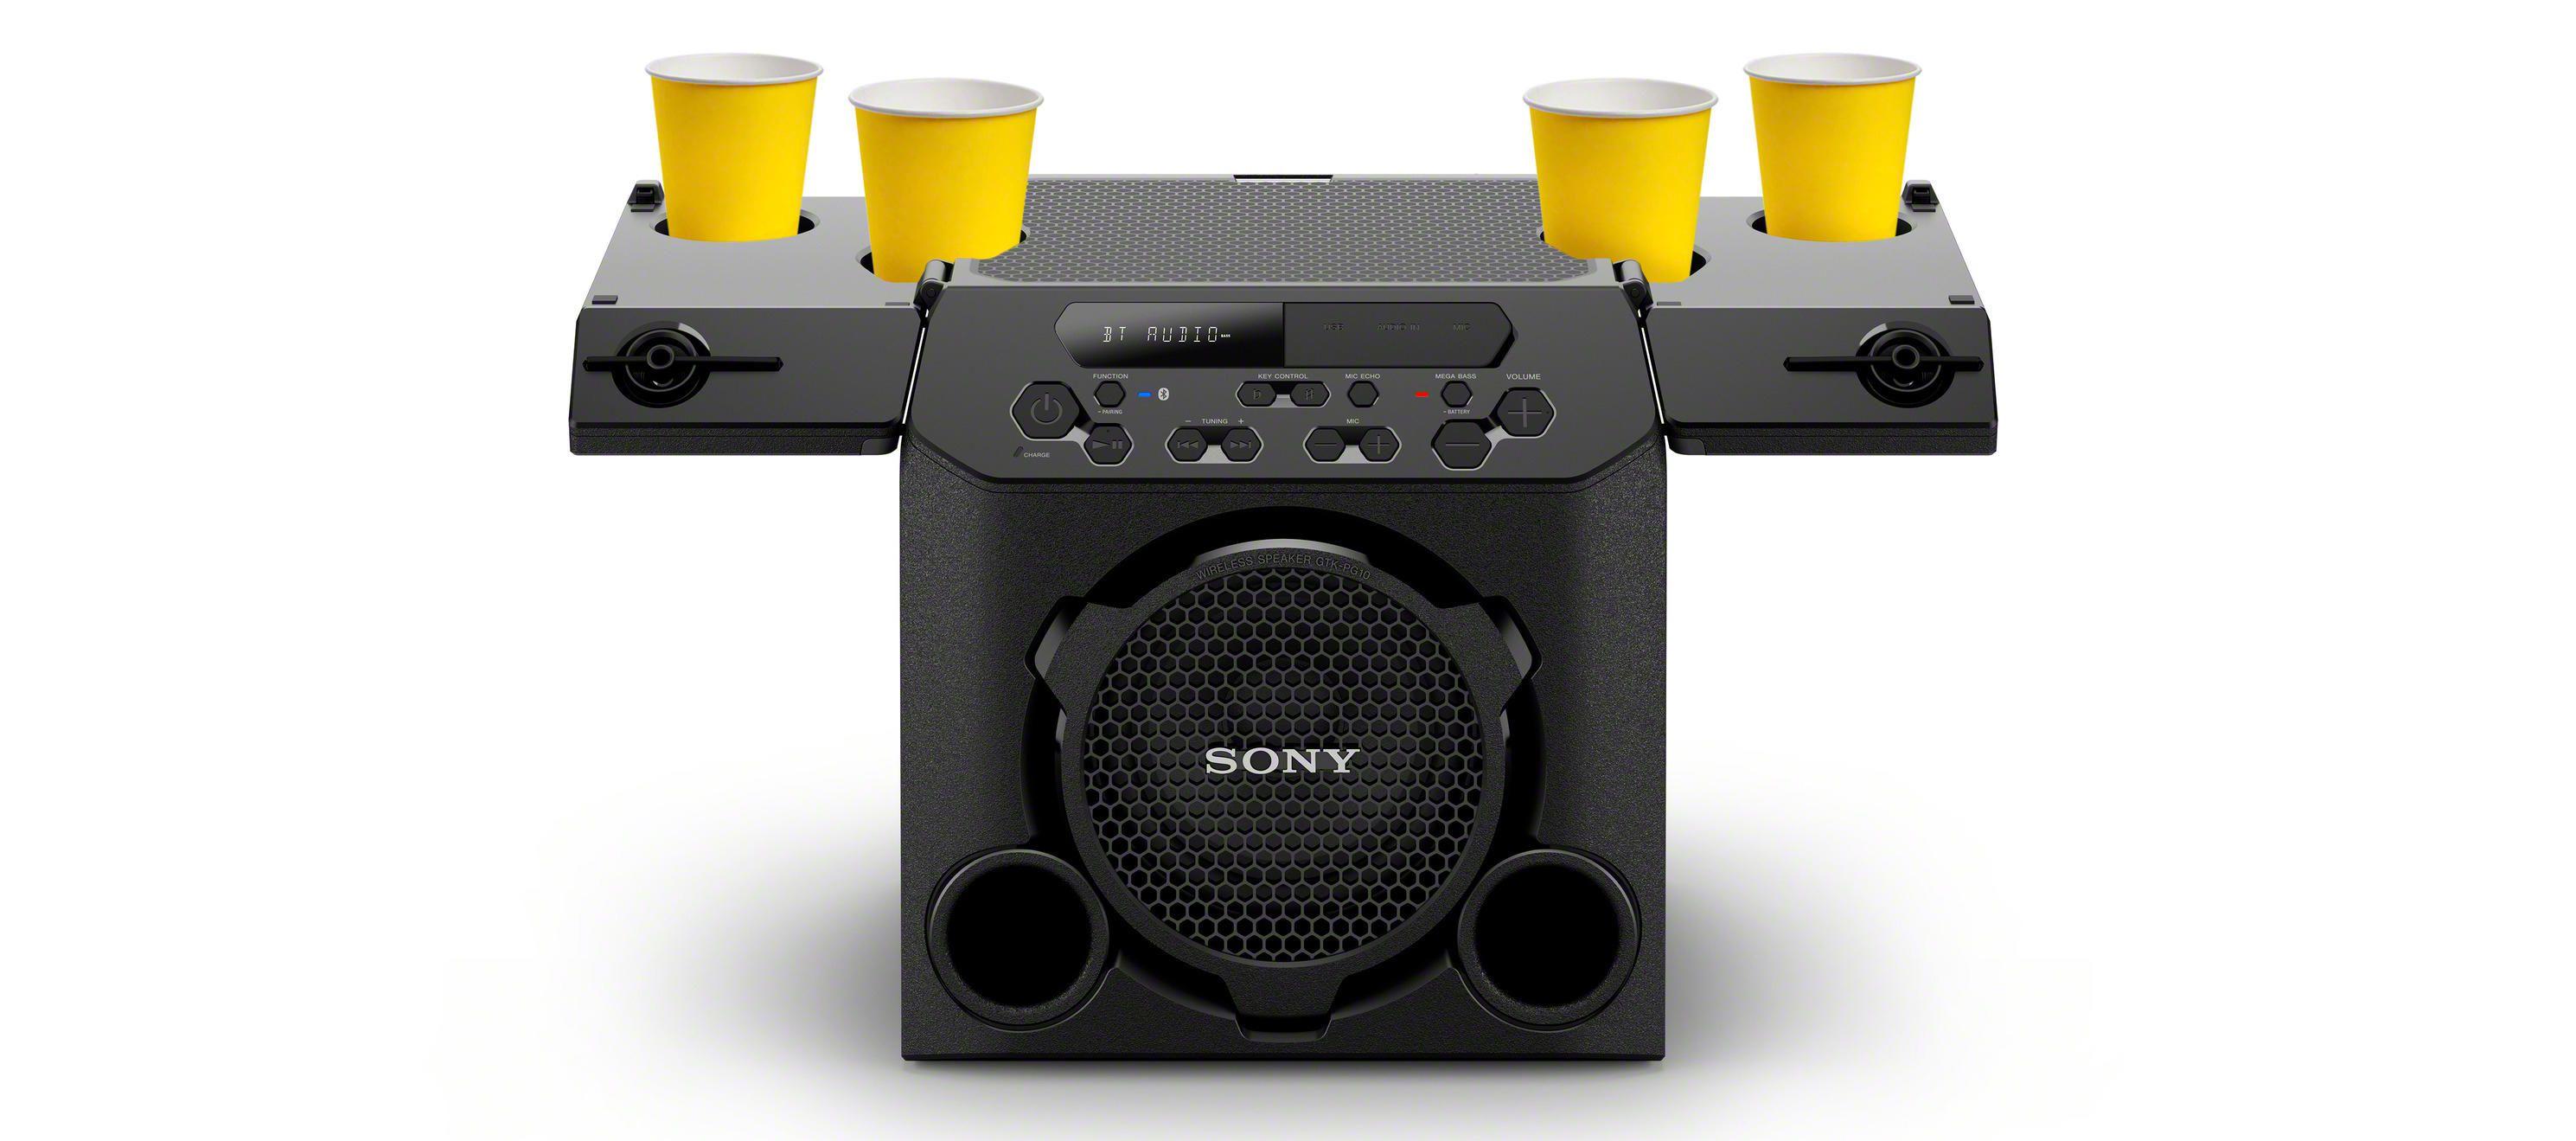 Sony GTK-PG 10 ima na zgornji plošči štiri odprtine za pijačo.